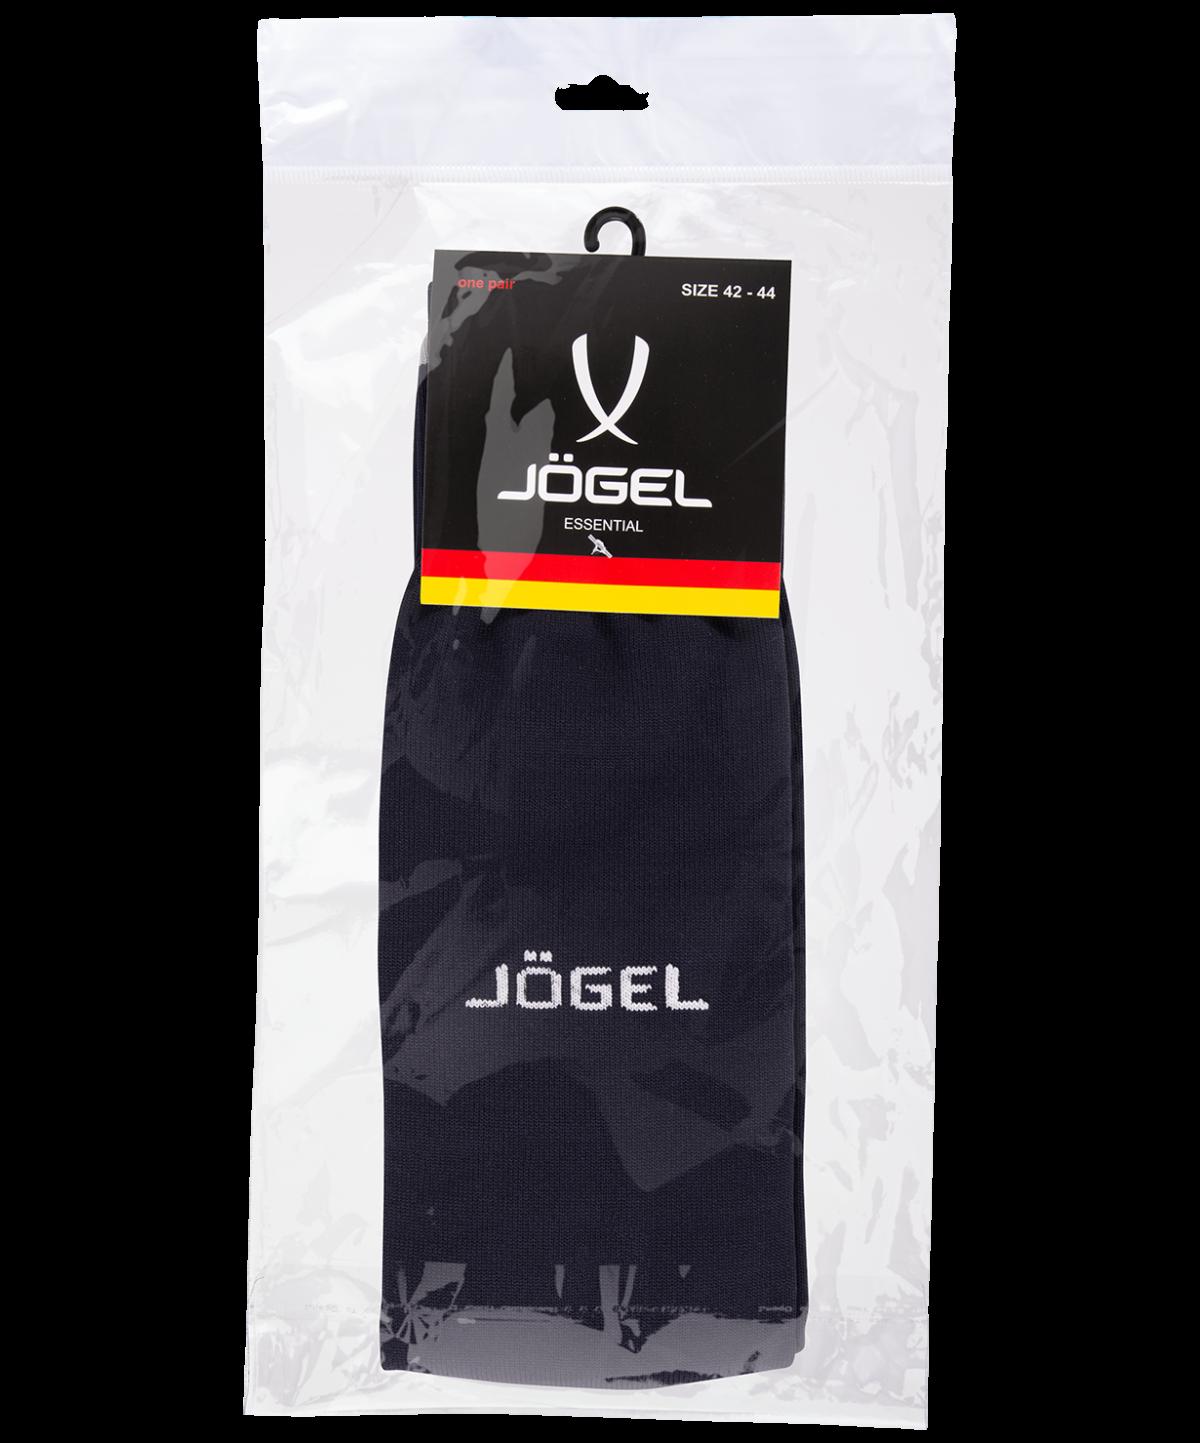 JOGEL Гетры футбольные Essentiаl, черный/серый  JA-006 - 4